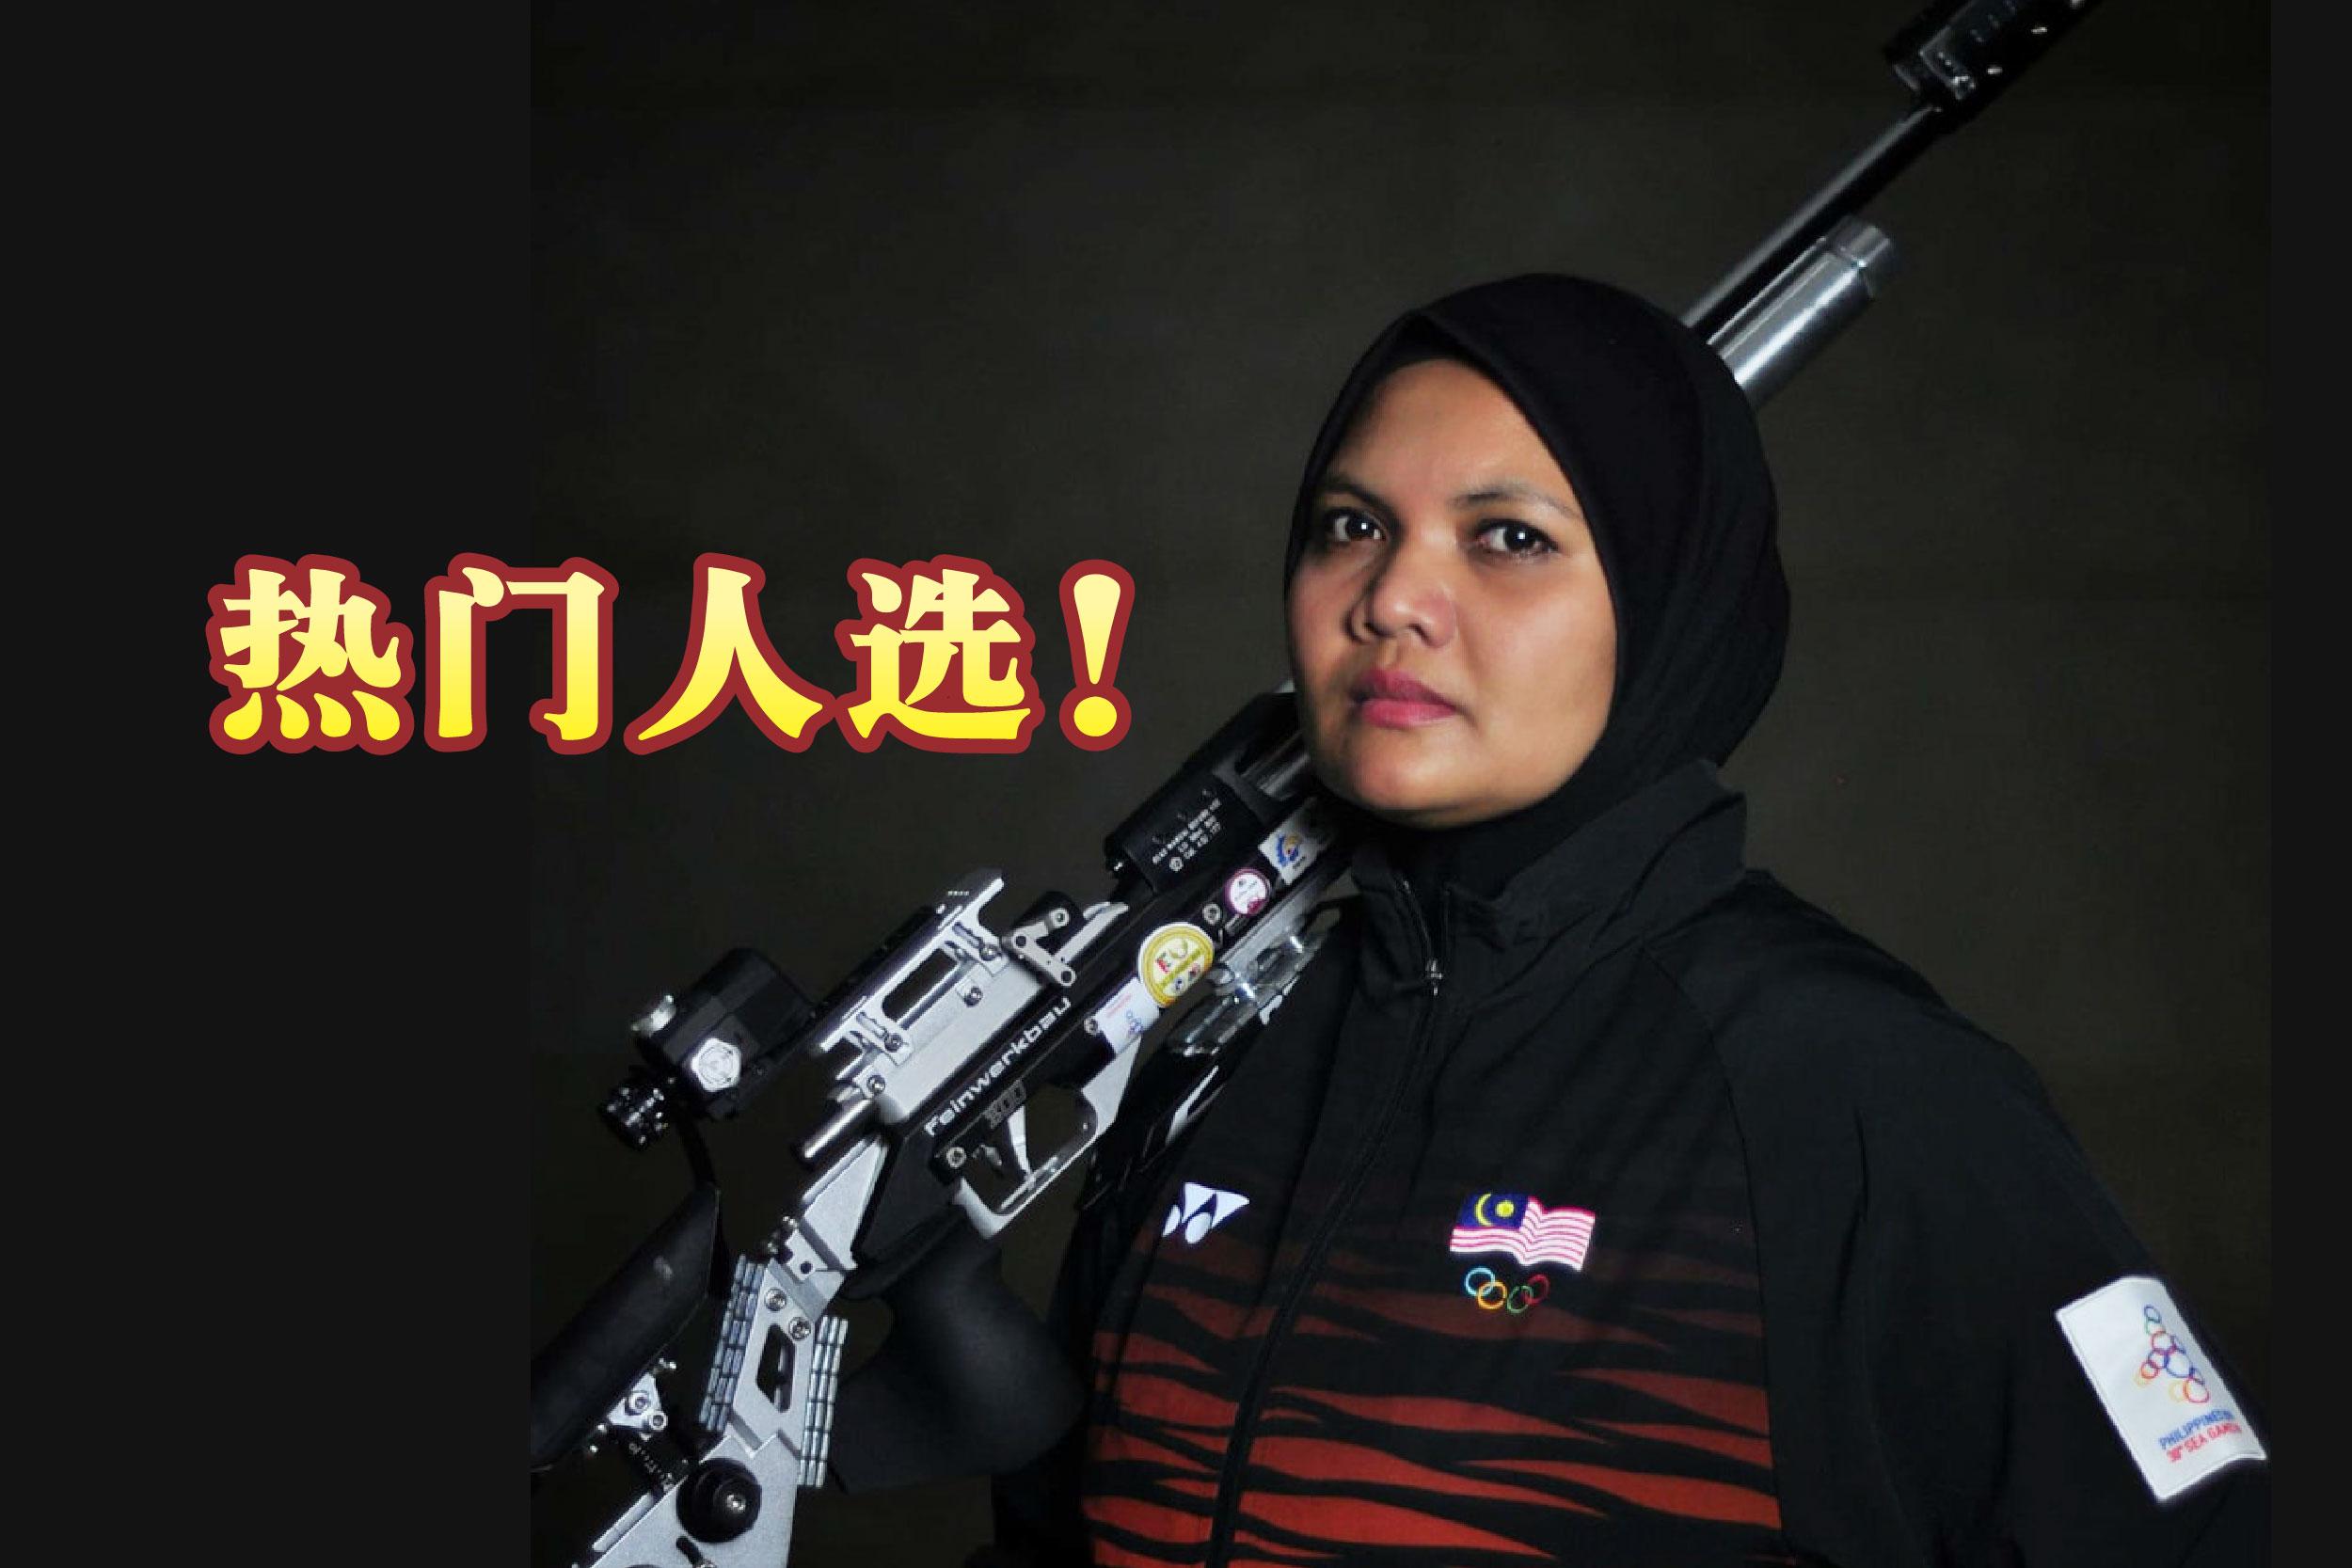 大马女神枪手诺苏雅妮,成为得到外卡的热门人选。-摘自诺苏雅妮脸书/精彩大马制图-